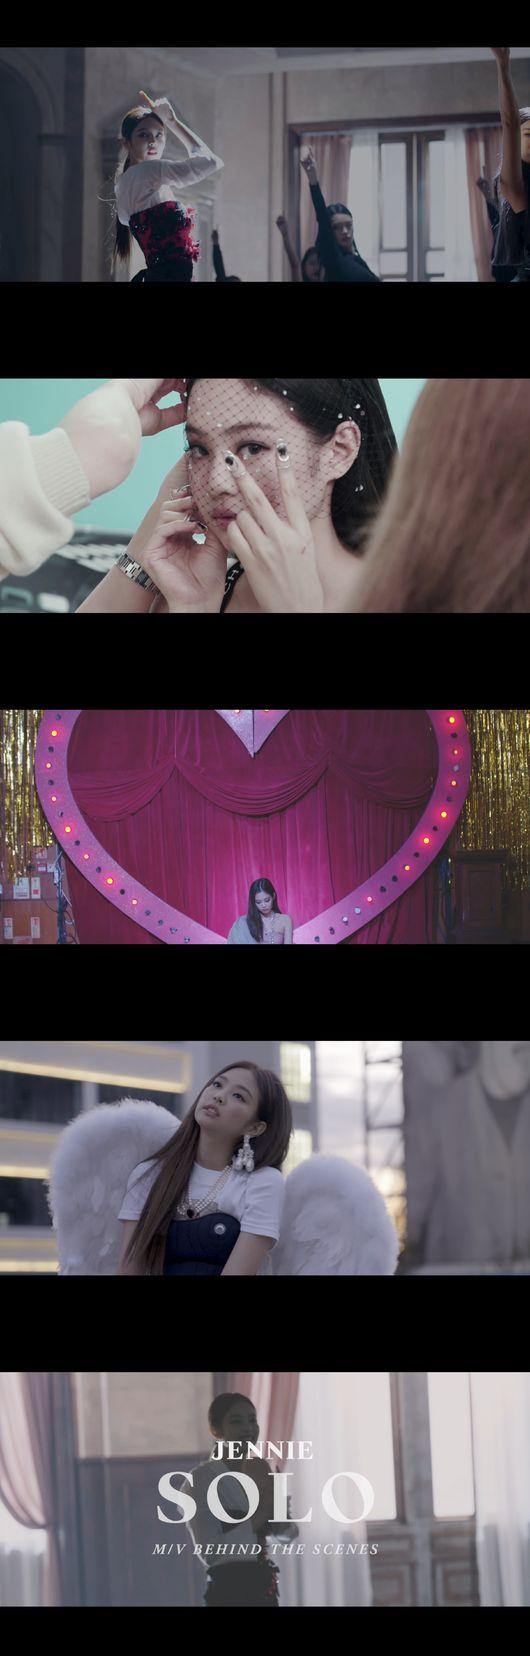 제니, 'SOLO MV 메이킹 공개 블랙핑크에서 보지 못했던 다른 자아